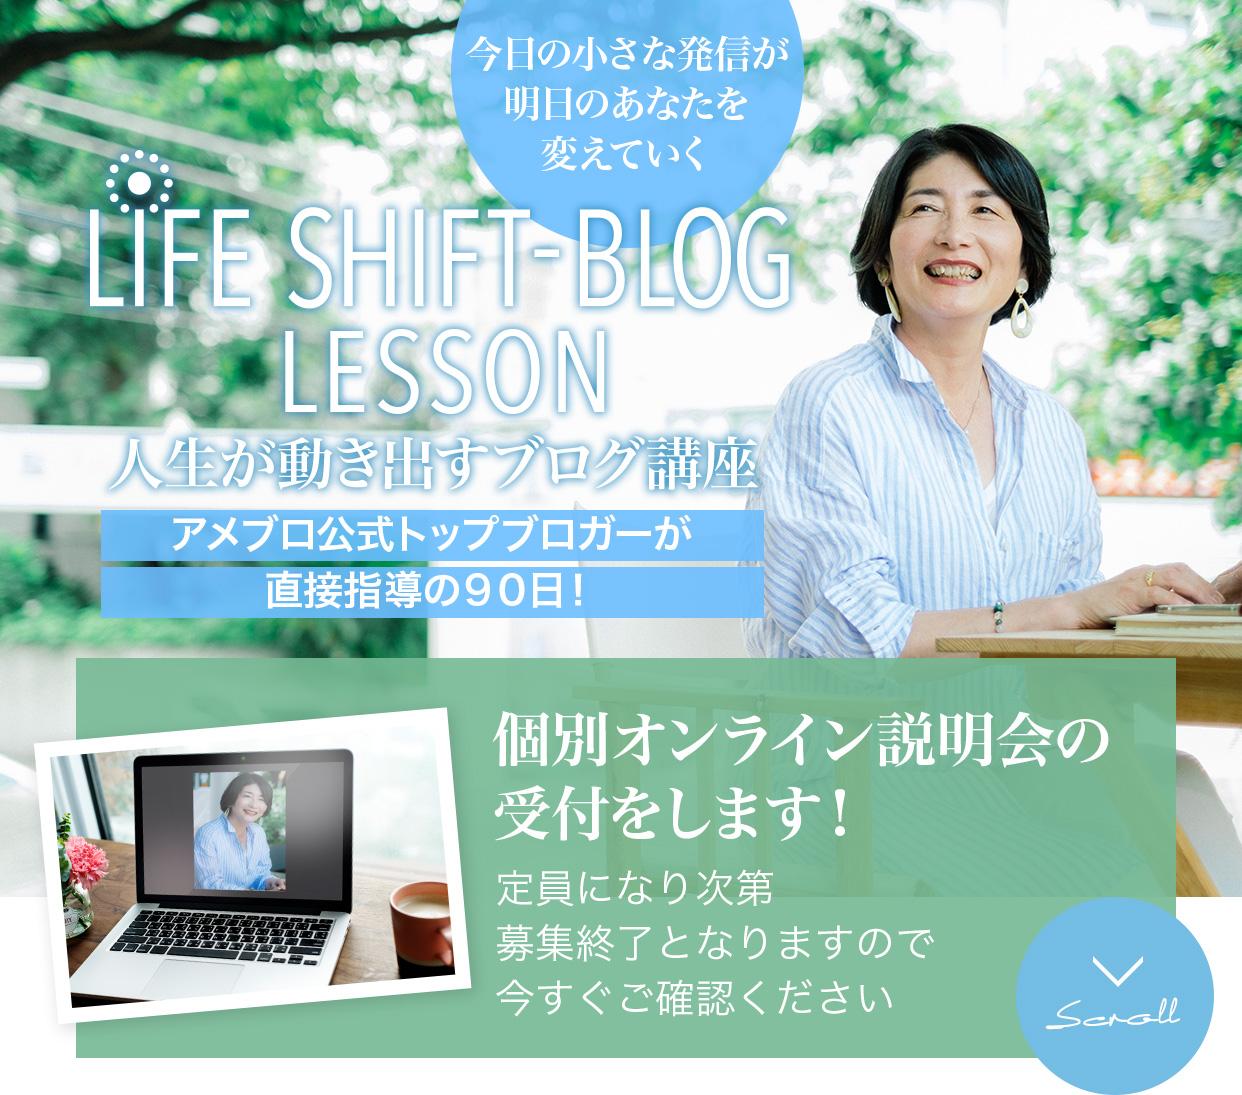 今日の小さな発信が明日のあなたを変えていくLIFE SHIFT-BLOG LESSON人生が動き出すブログ講座アメブロ公式トップブロガーが直接指導の90日!個別オンライン説明会をします定員になり次第募集終了となりますので今すぐご確認ください。